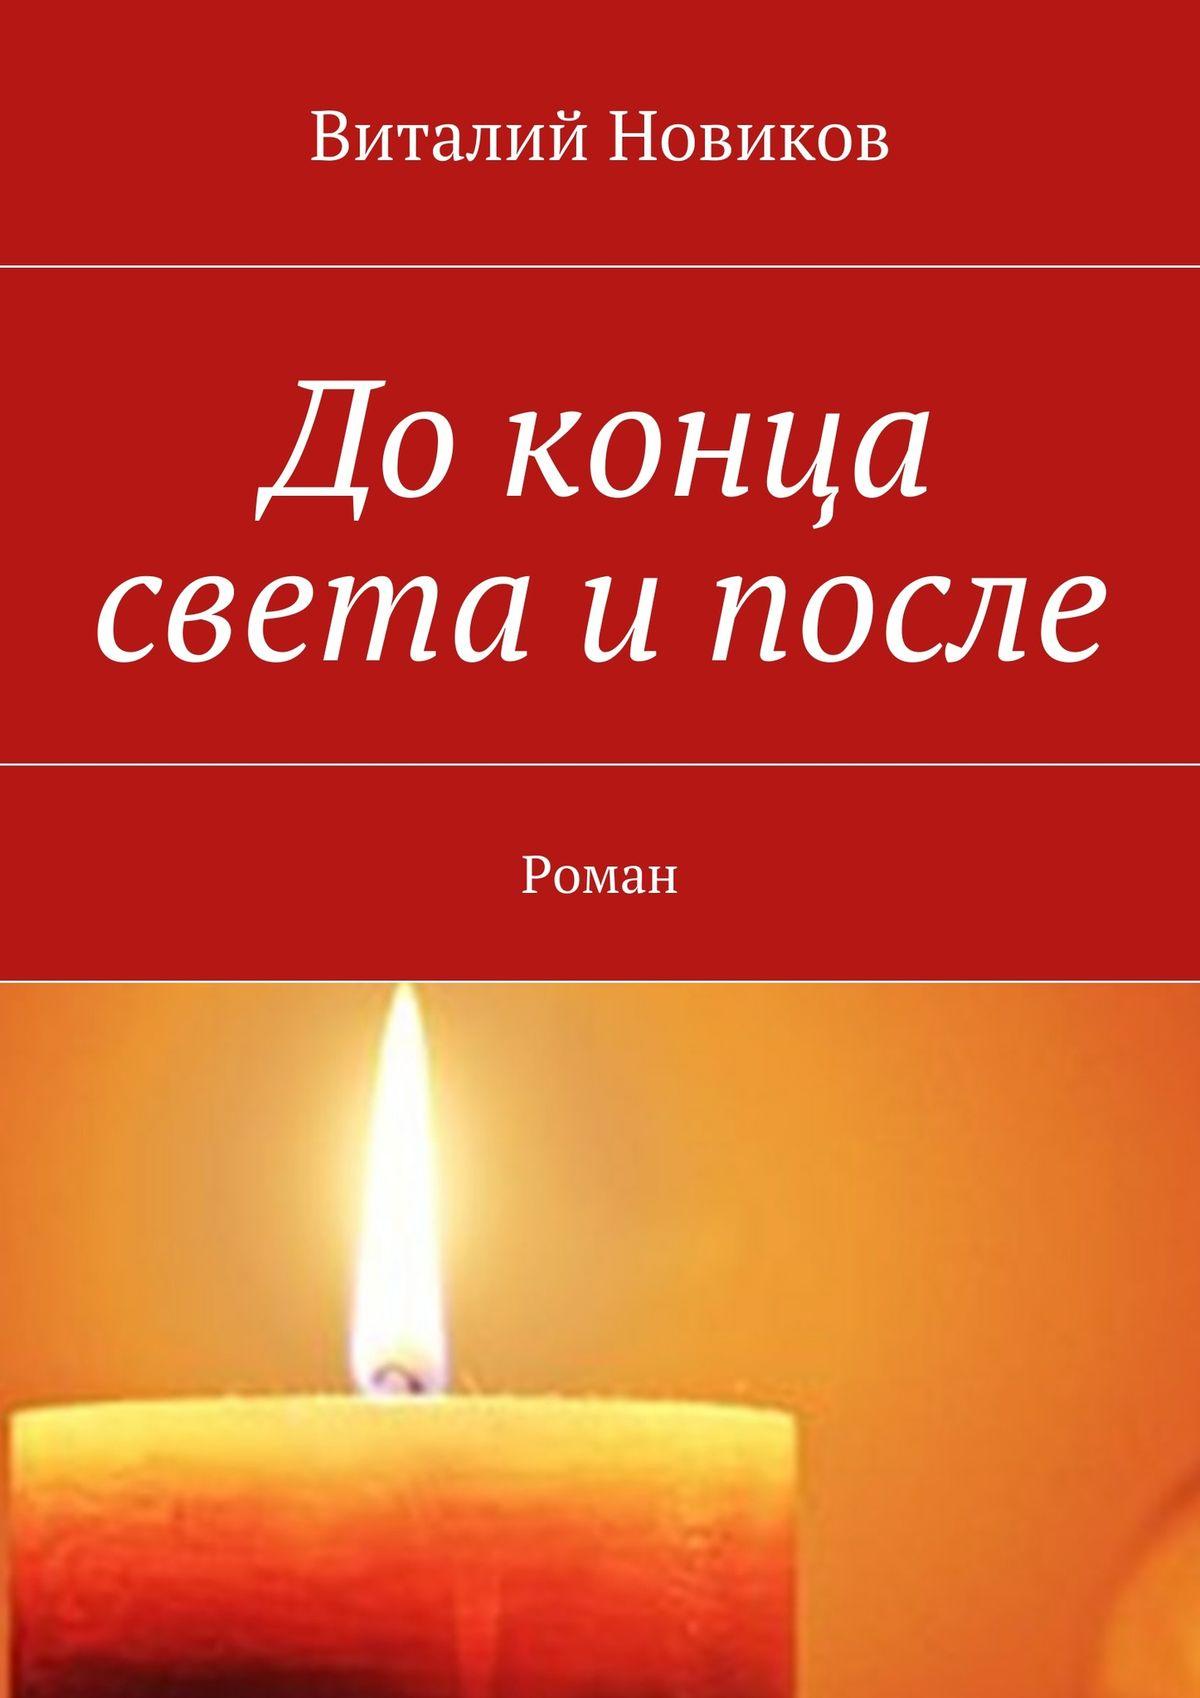 Виталий Новиков До конца света и после. Роман виталий новиков тёмное вино